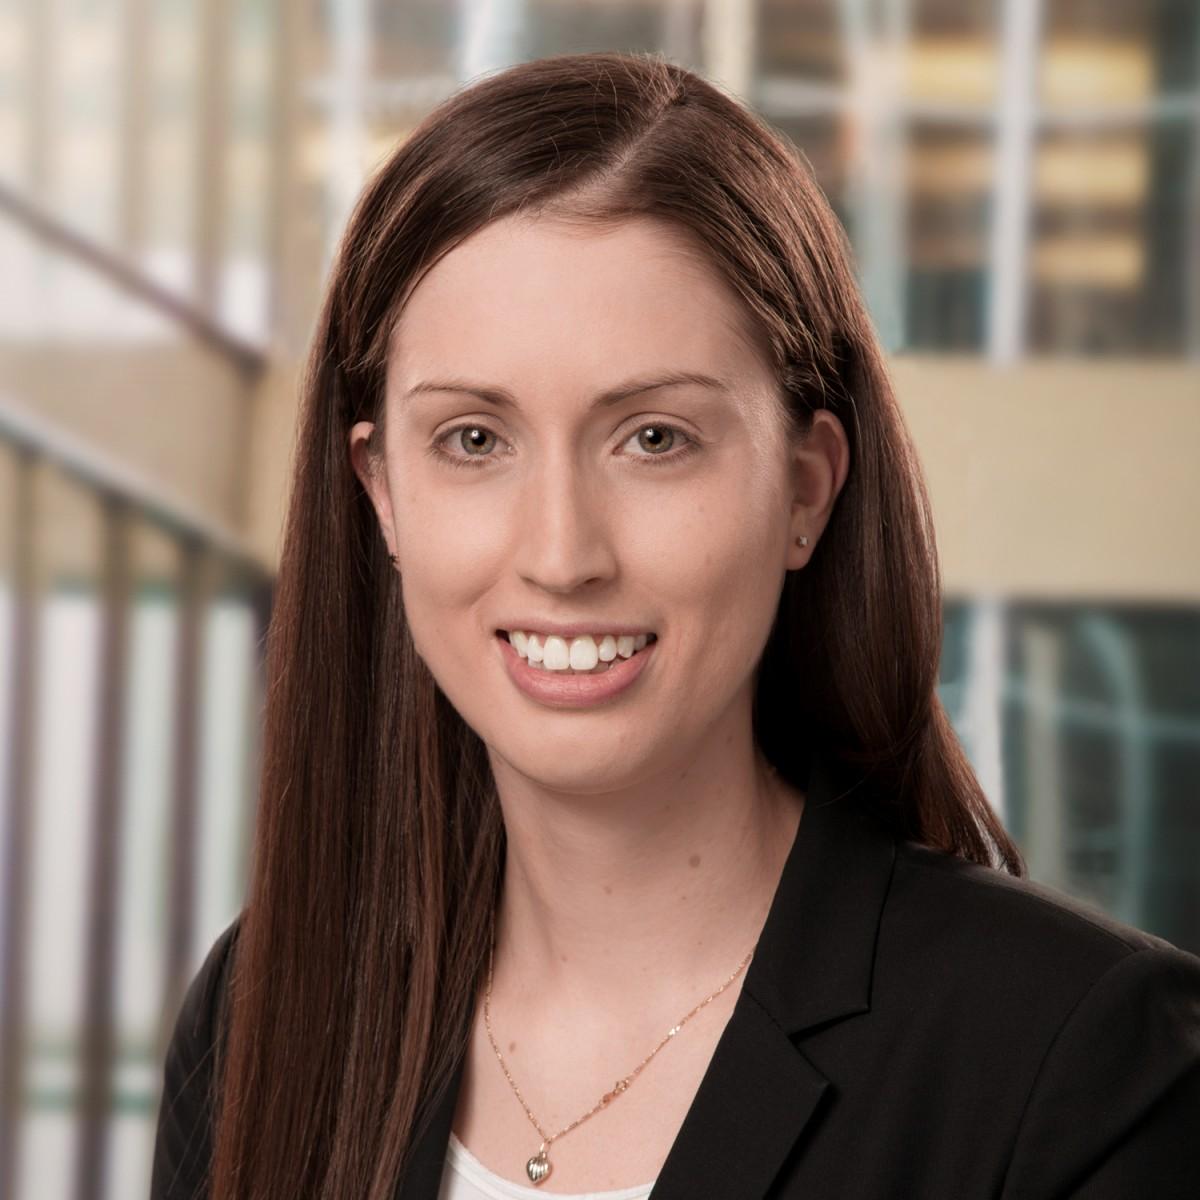 Kristina Ahnert